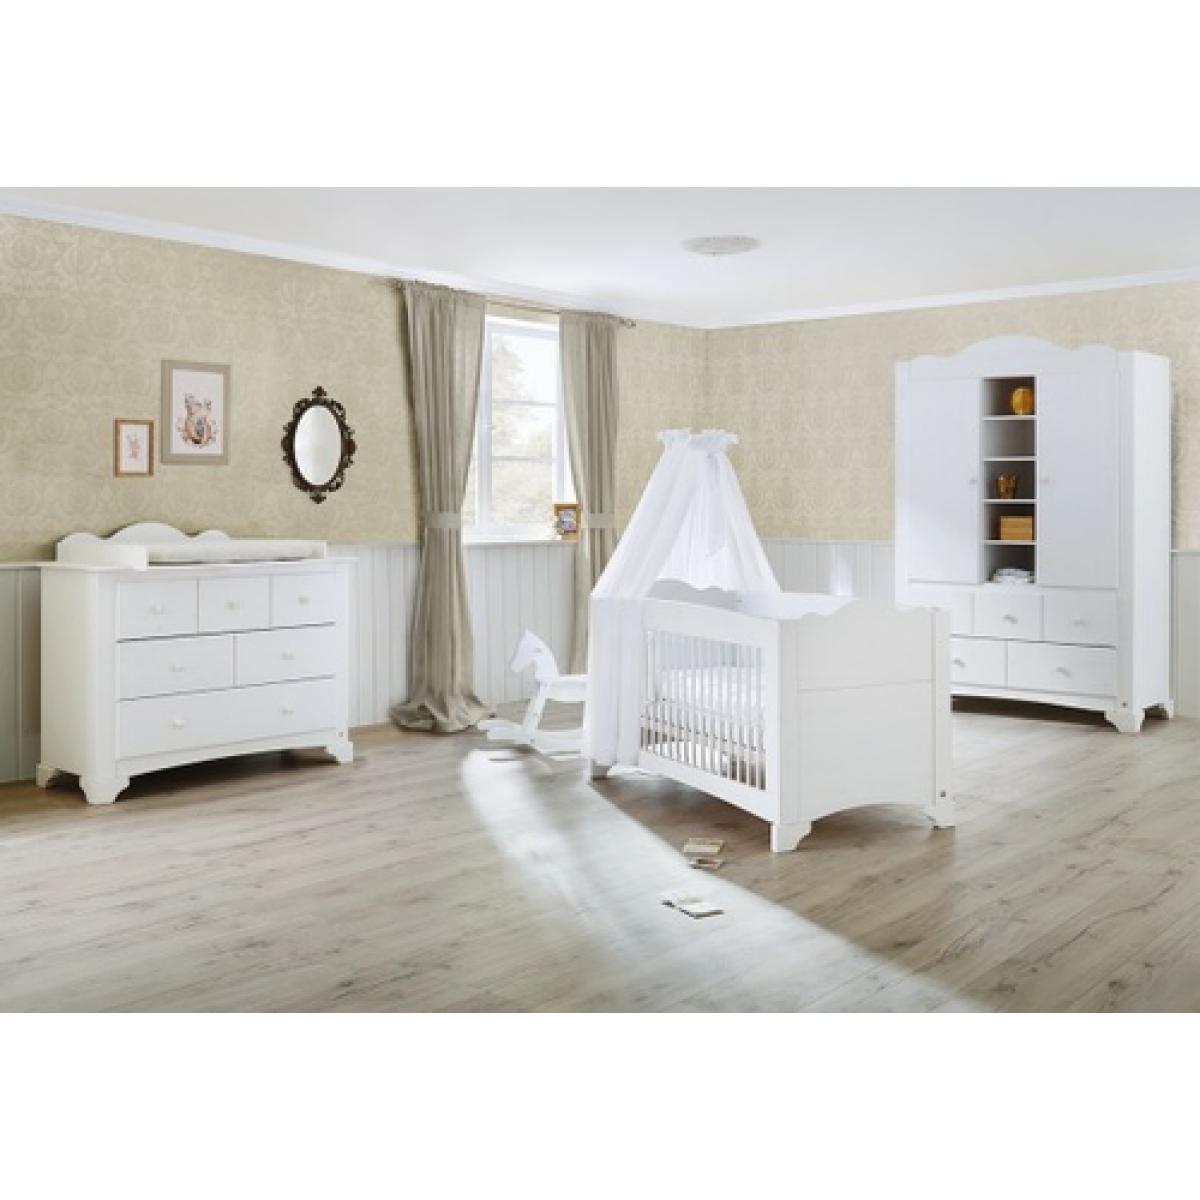 Pinolino Pinolino Chambre de bébé Pino 3 pièces lit de bébé évolutif commode à langer large armoire grande